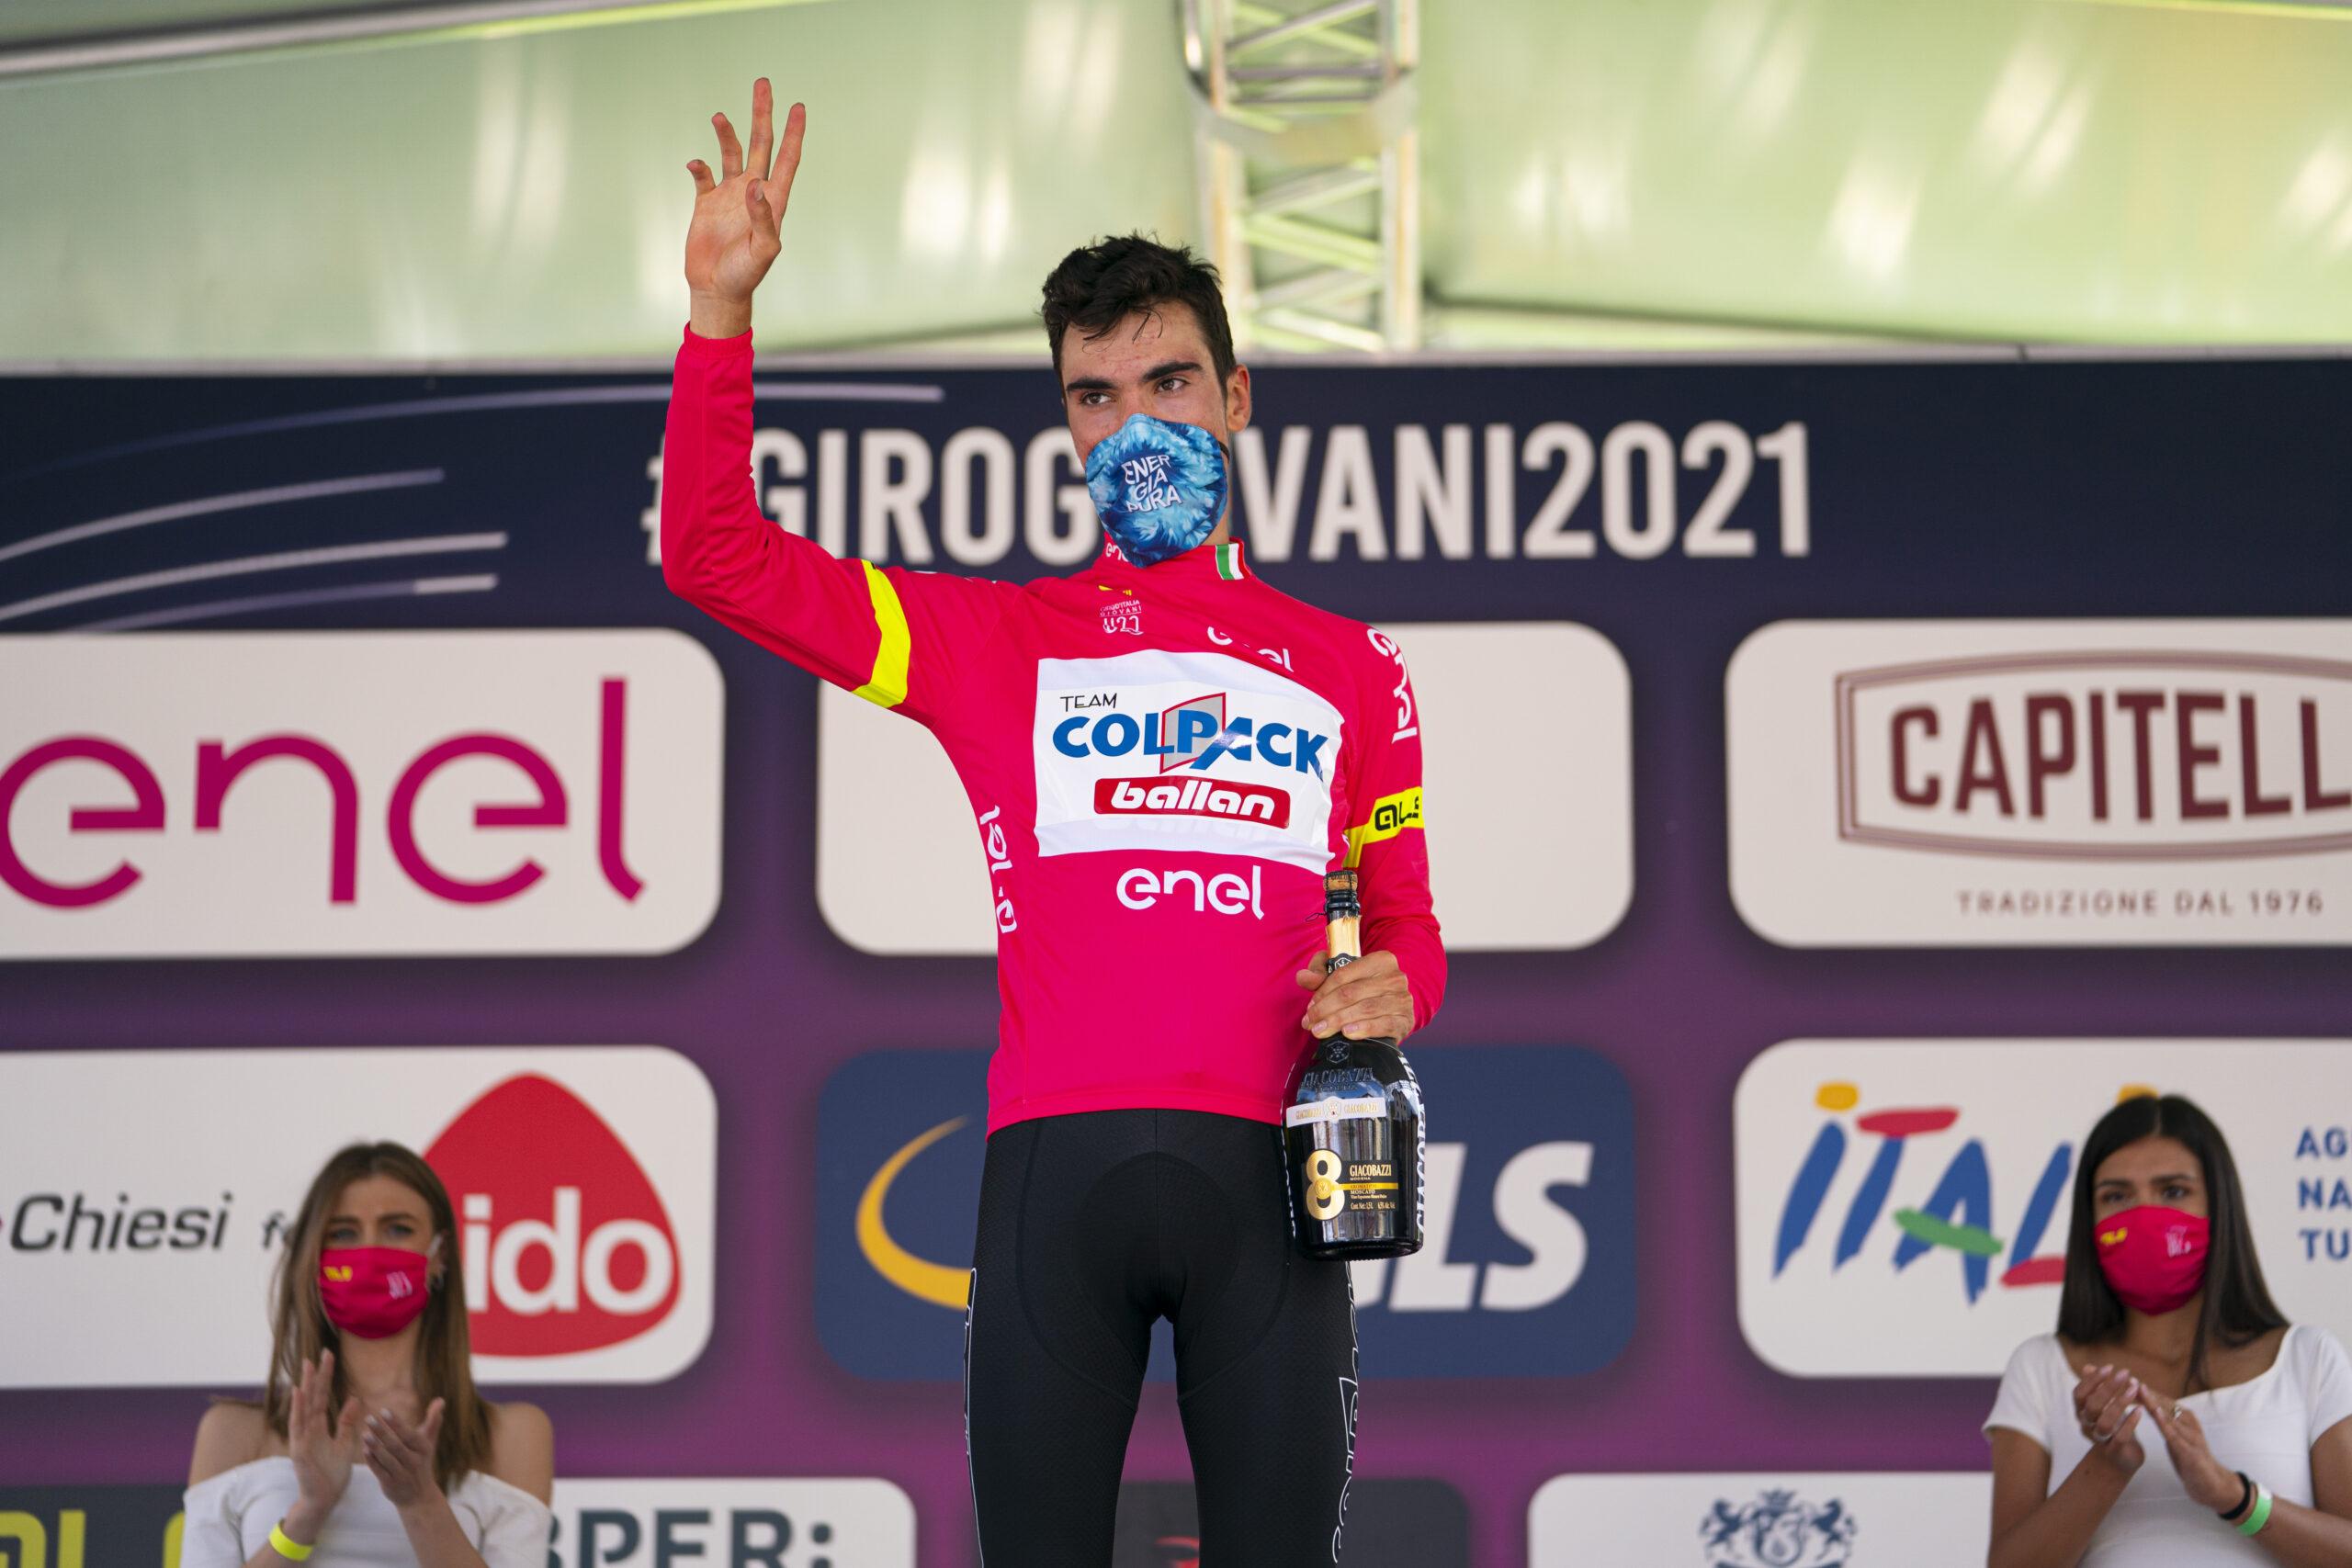 Juan Ayuso maglia rosa dopo l'ottava tappa del Giro d'Italia Under 23 2021 (foto Isolapress)